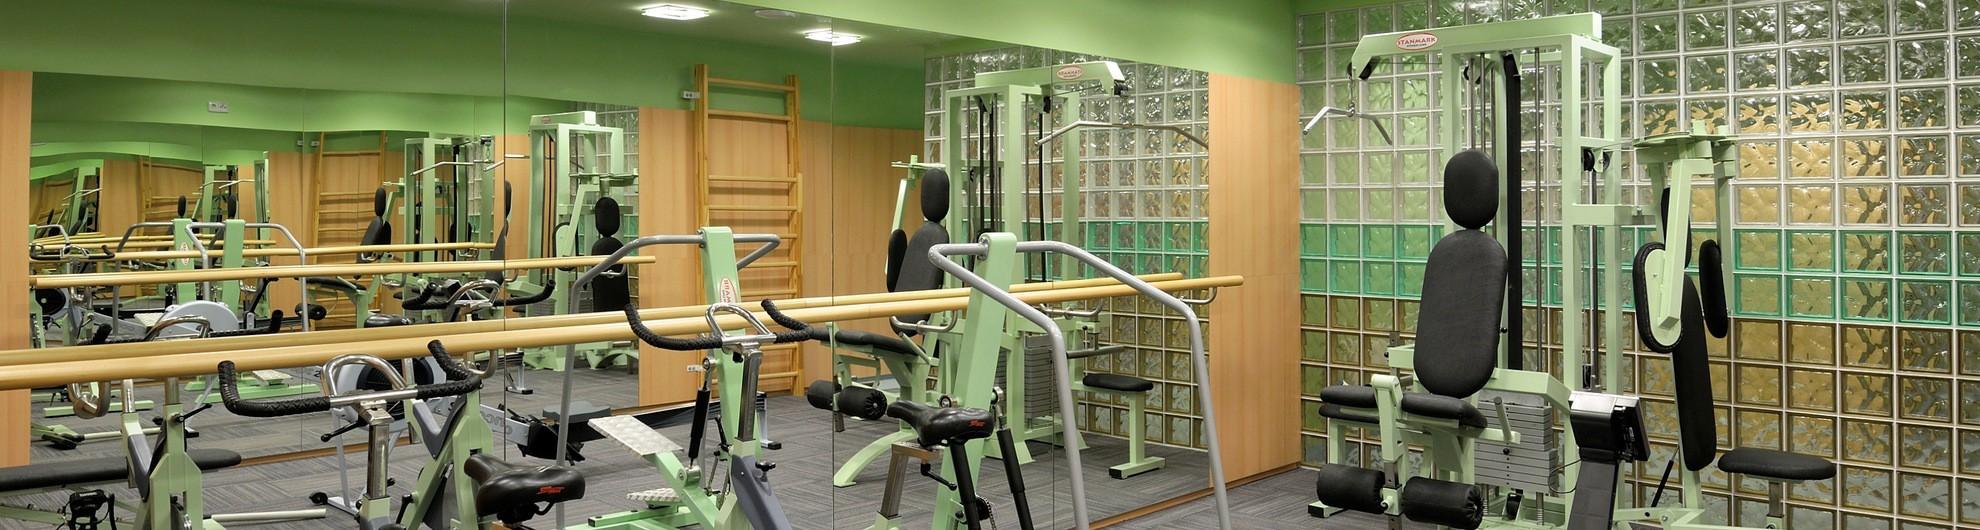 Wellness&sport